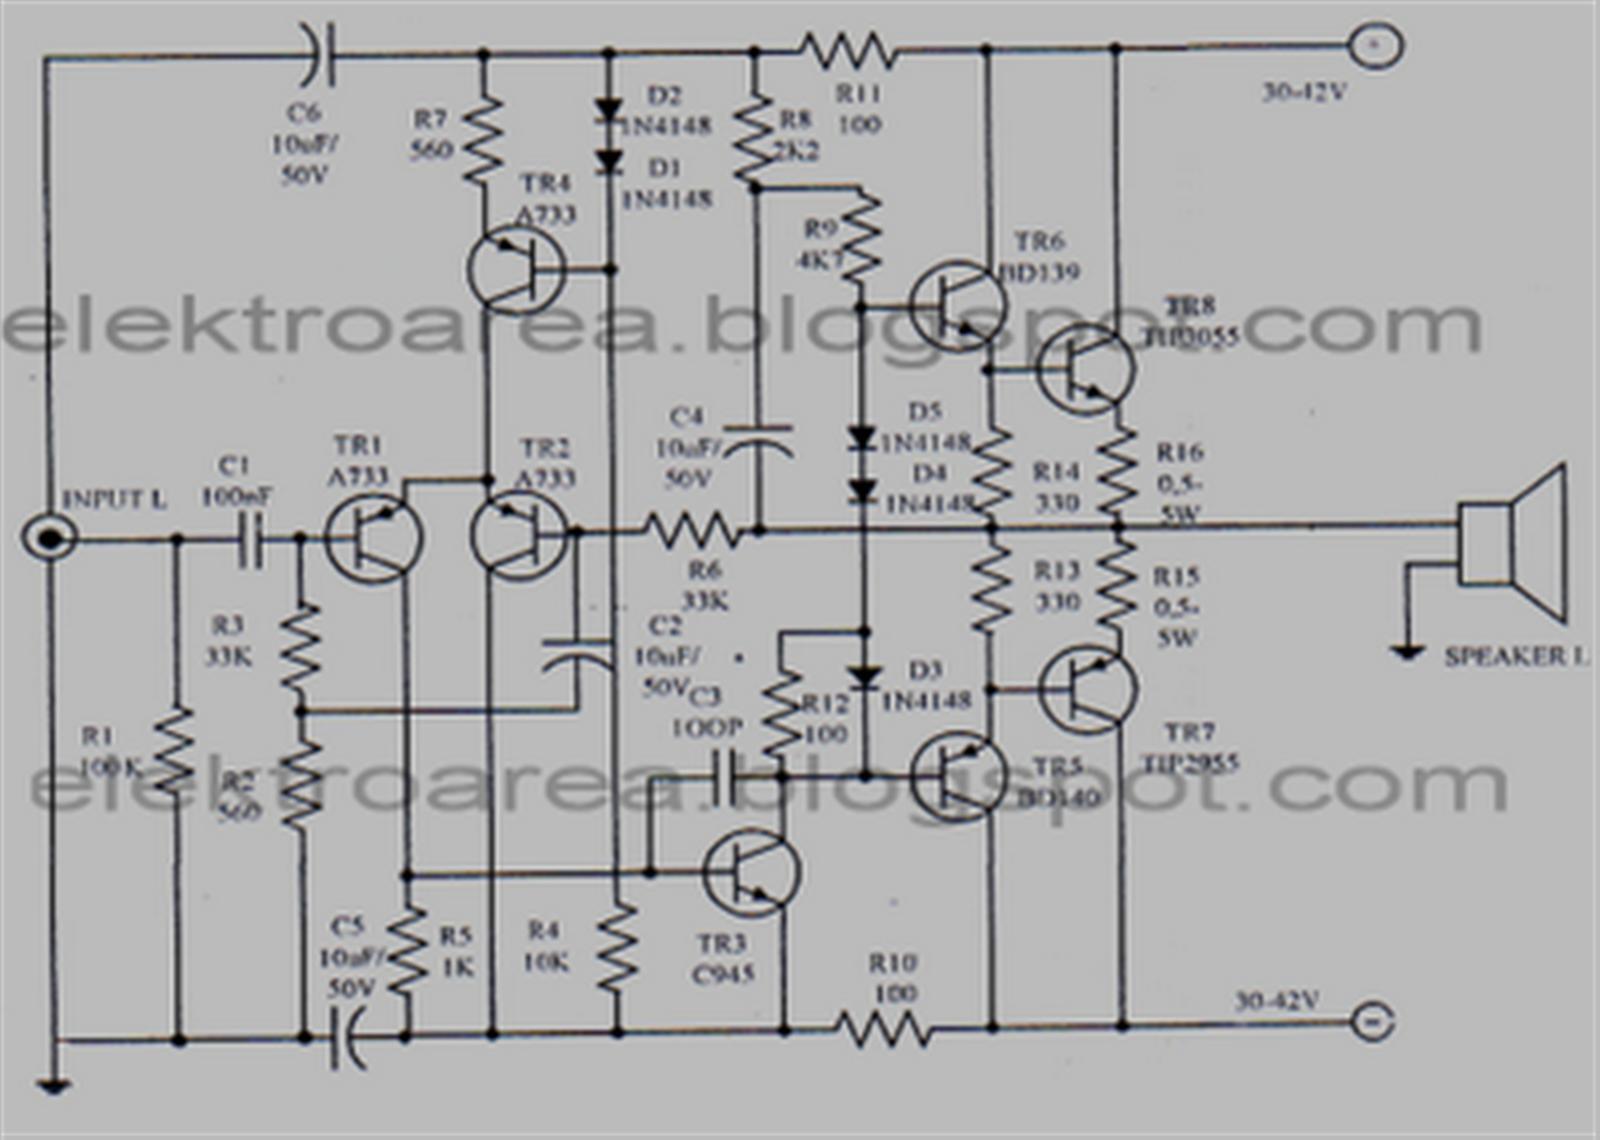 想制作简单的功放,集成电路是首选,因为集成块外围元件相对较少,也无须调试, 只要元件没事,正确连接就行了! 功率相对要大的,目前来说TDA7293算是较大的了! 在功率不小于300V,电压30V,负载8的情况下,不失真功率>90W! 下面是TDA的典型线路图!如果不嫌麻烦,还可以拉成OTL功率更大!